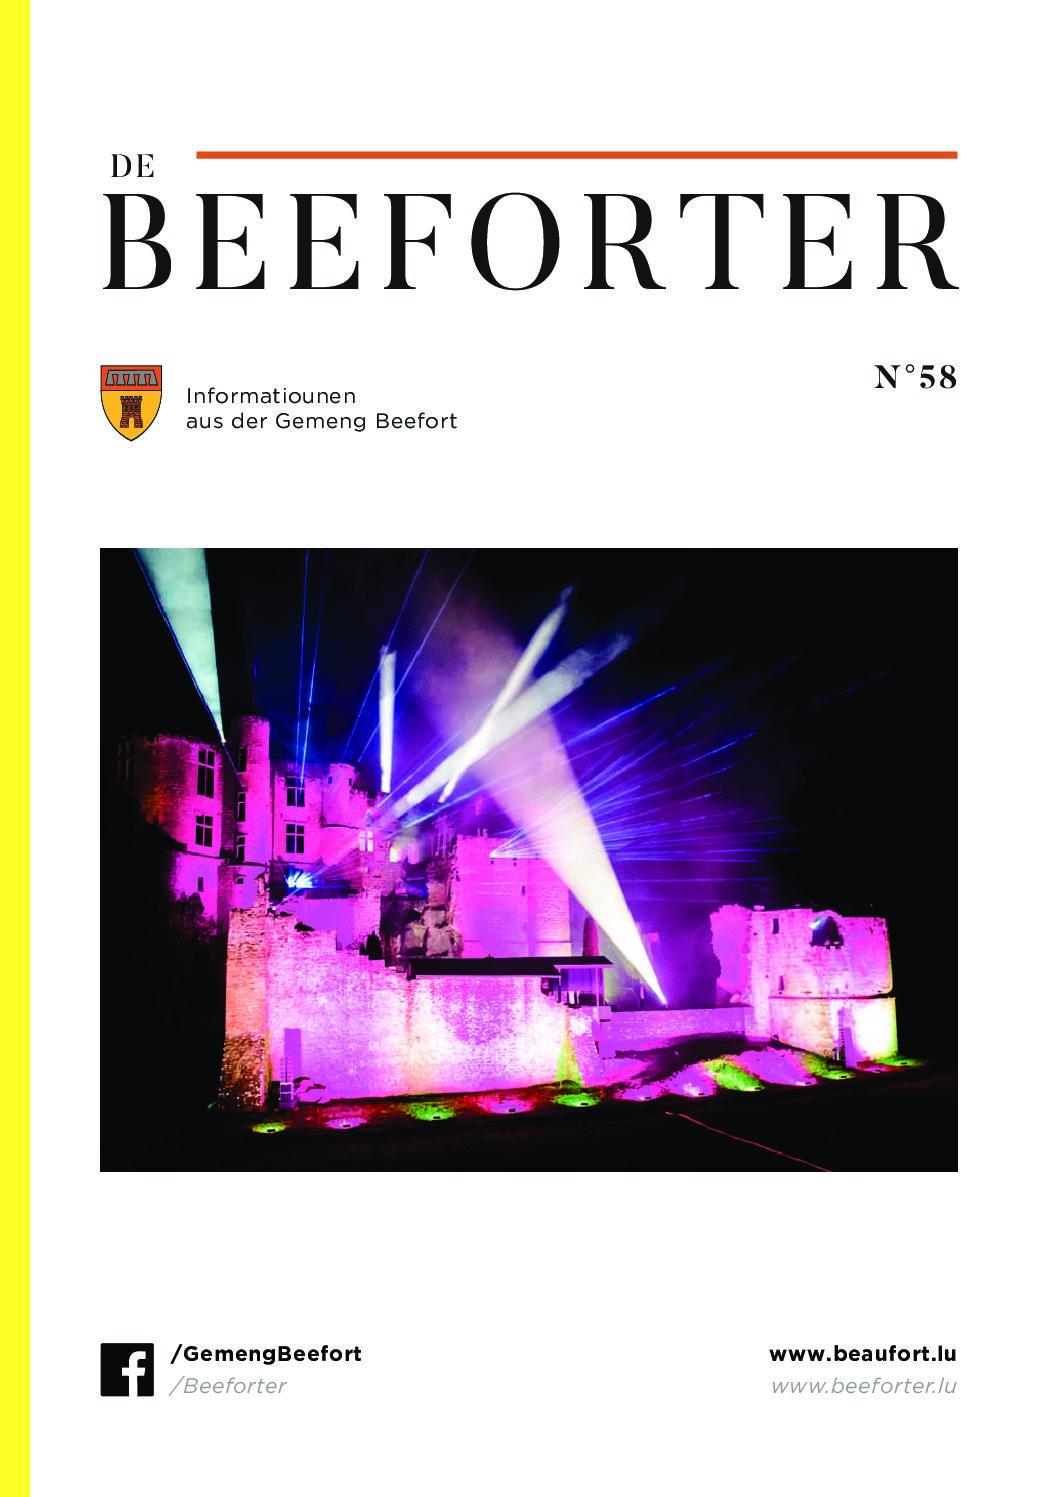 De Beeforter 58